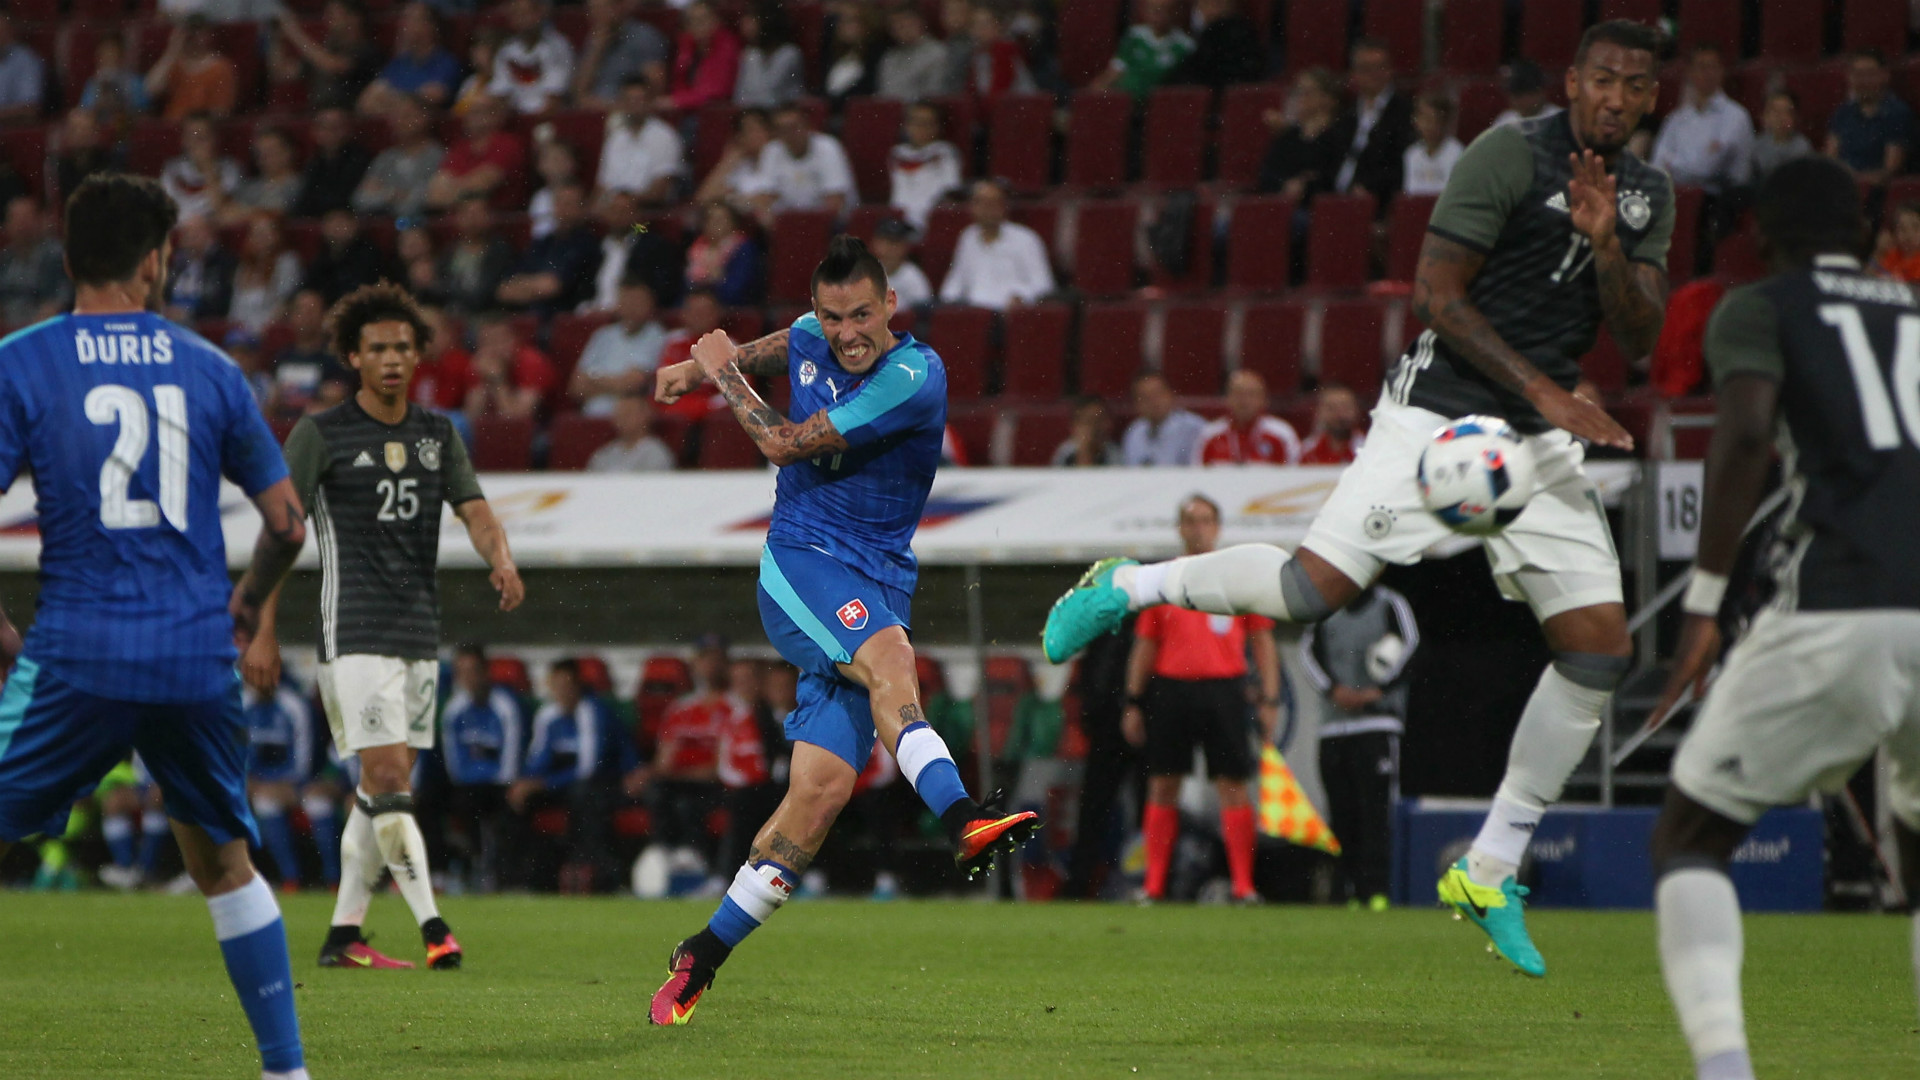 La Slovacchia stende la Germania: spazio anche a Skriniar nel finale